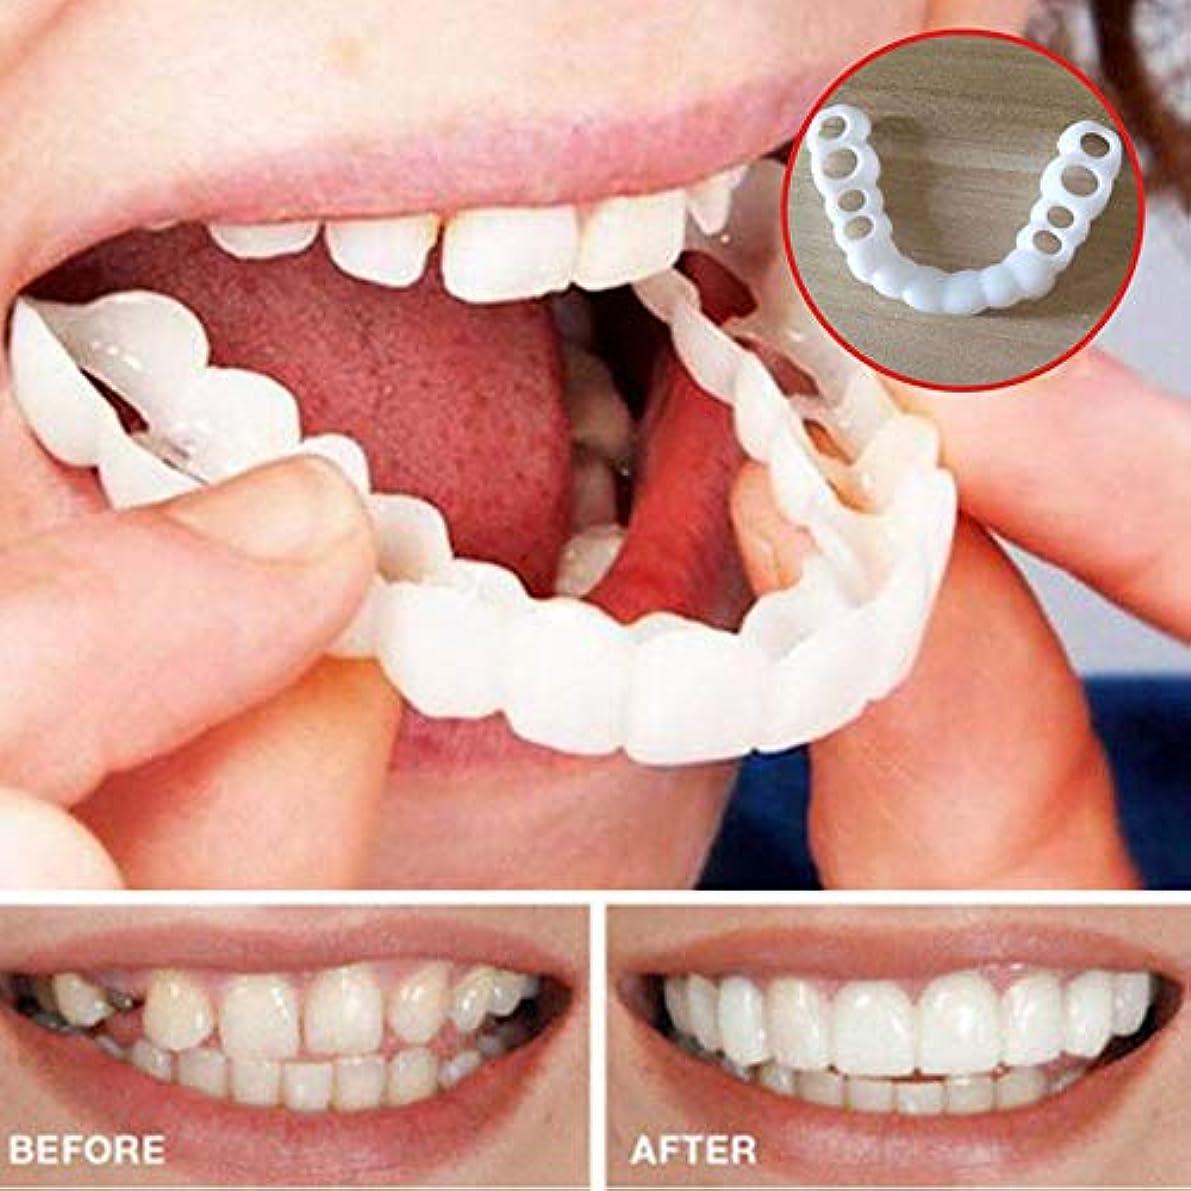 インサート放課後半径シリコンシミュレーション歯ホワイトニングブレース(2個),Upper